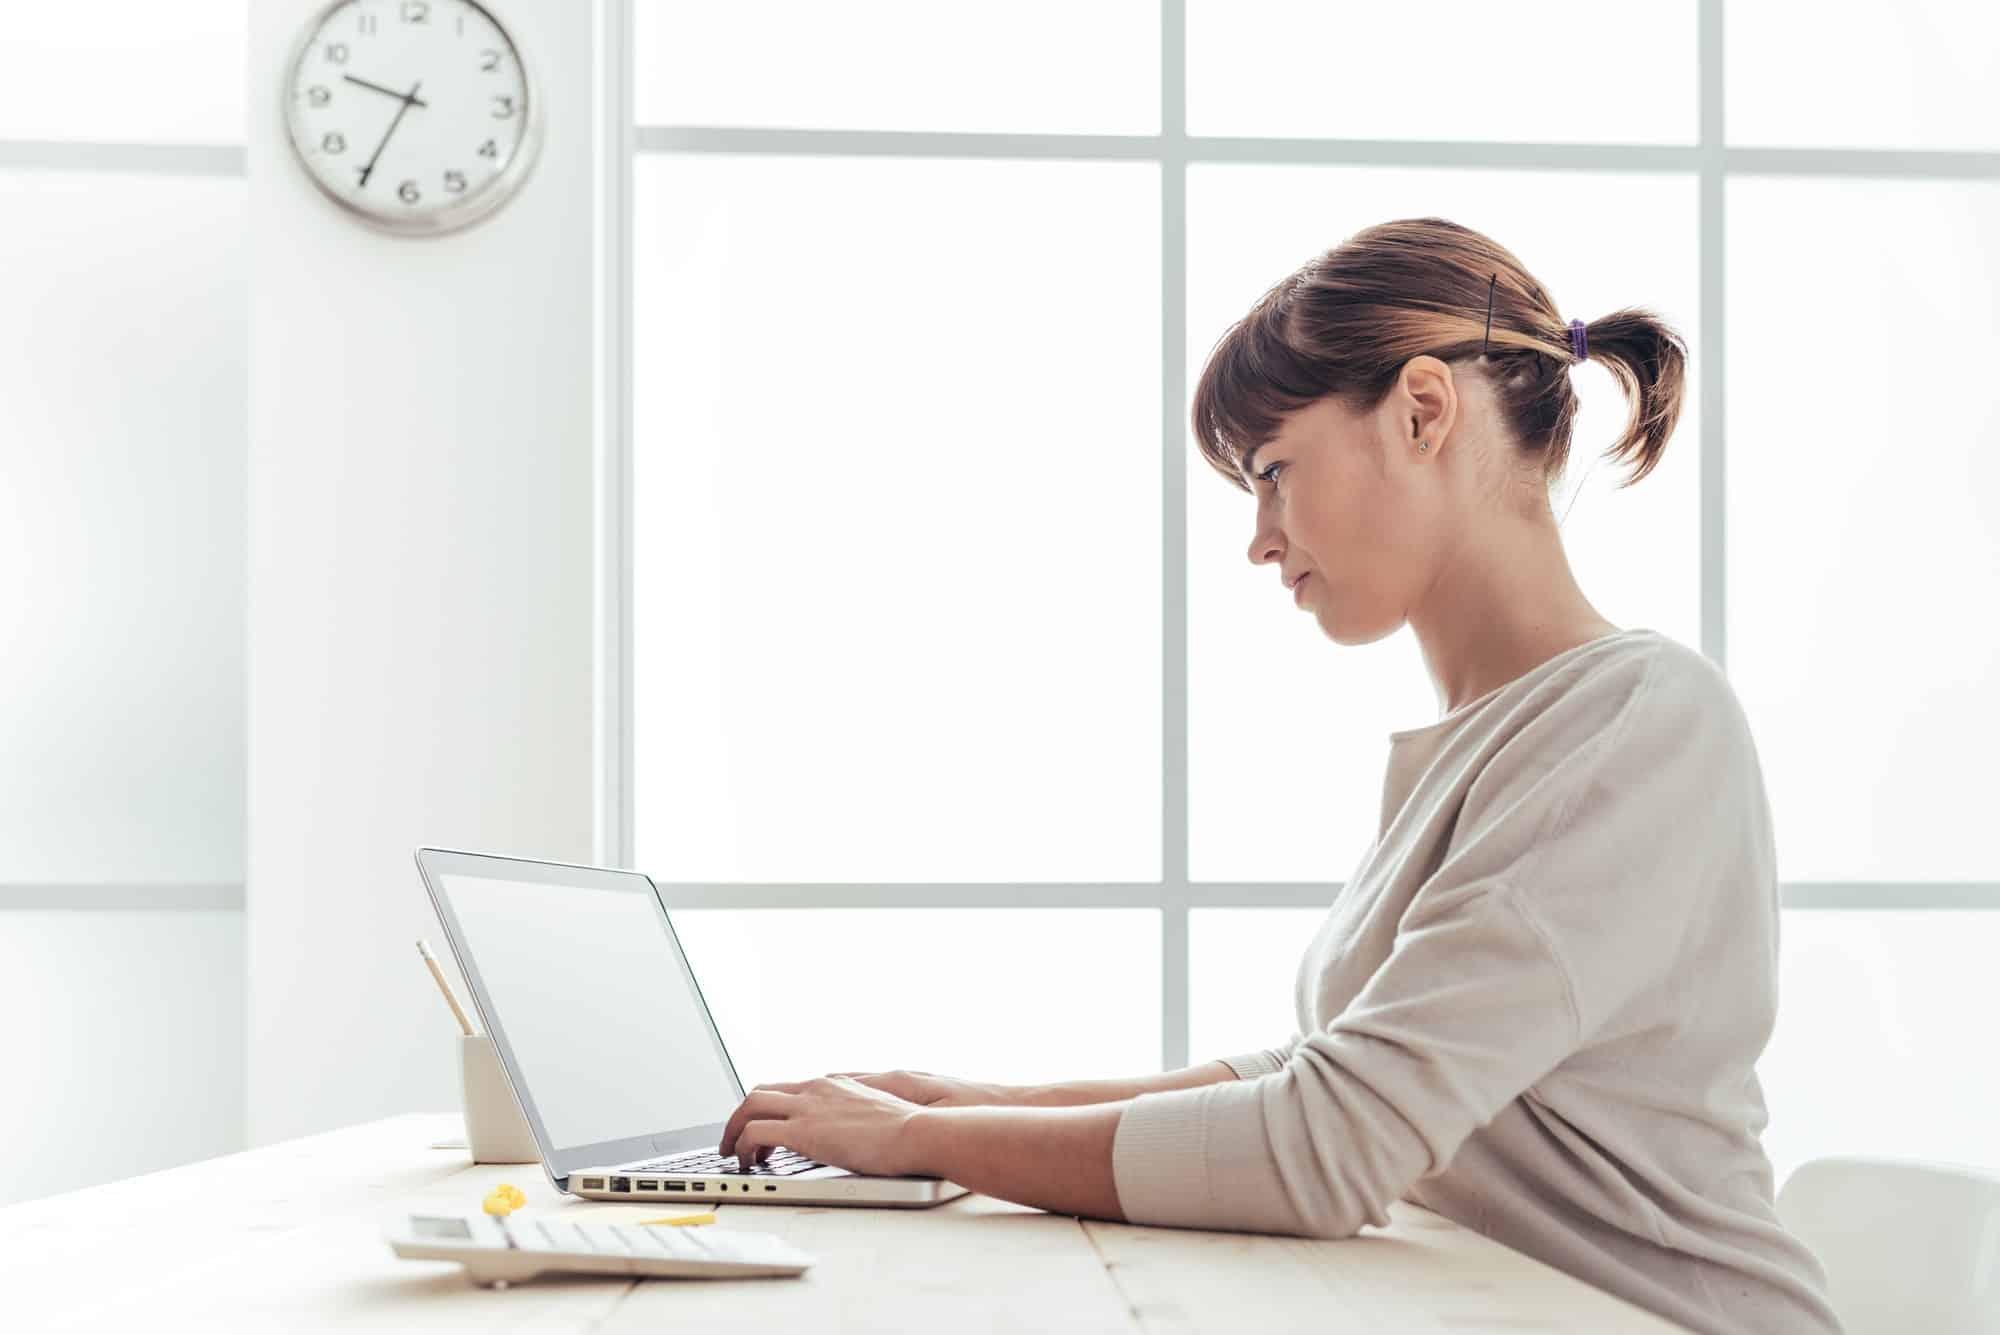 Efficient businesswoman at work